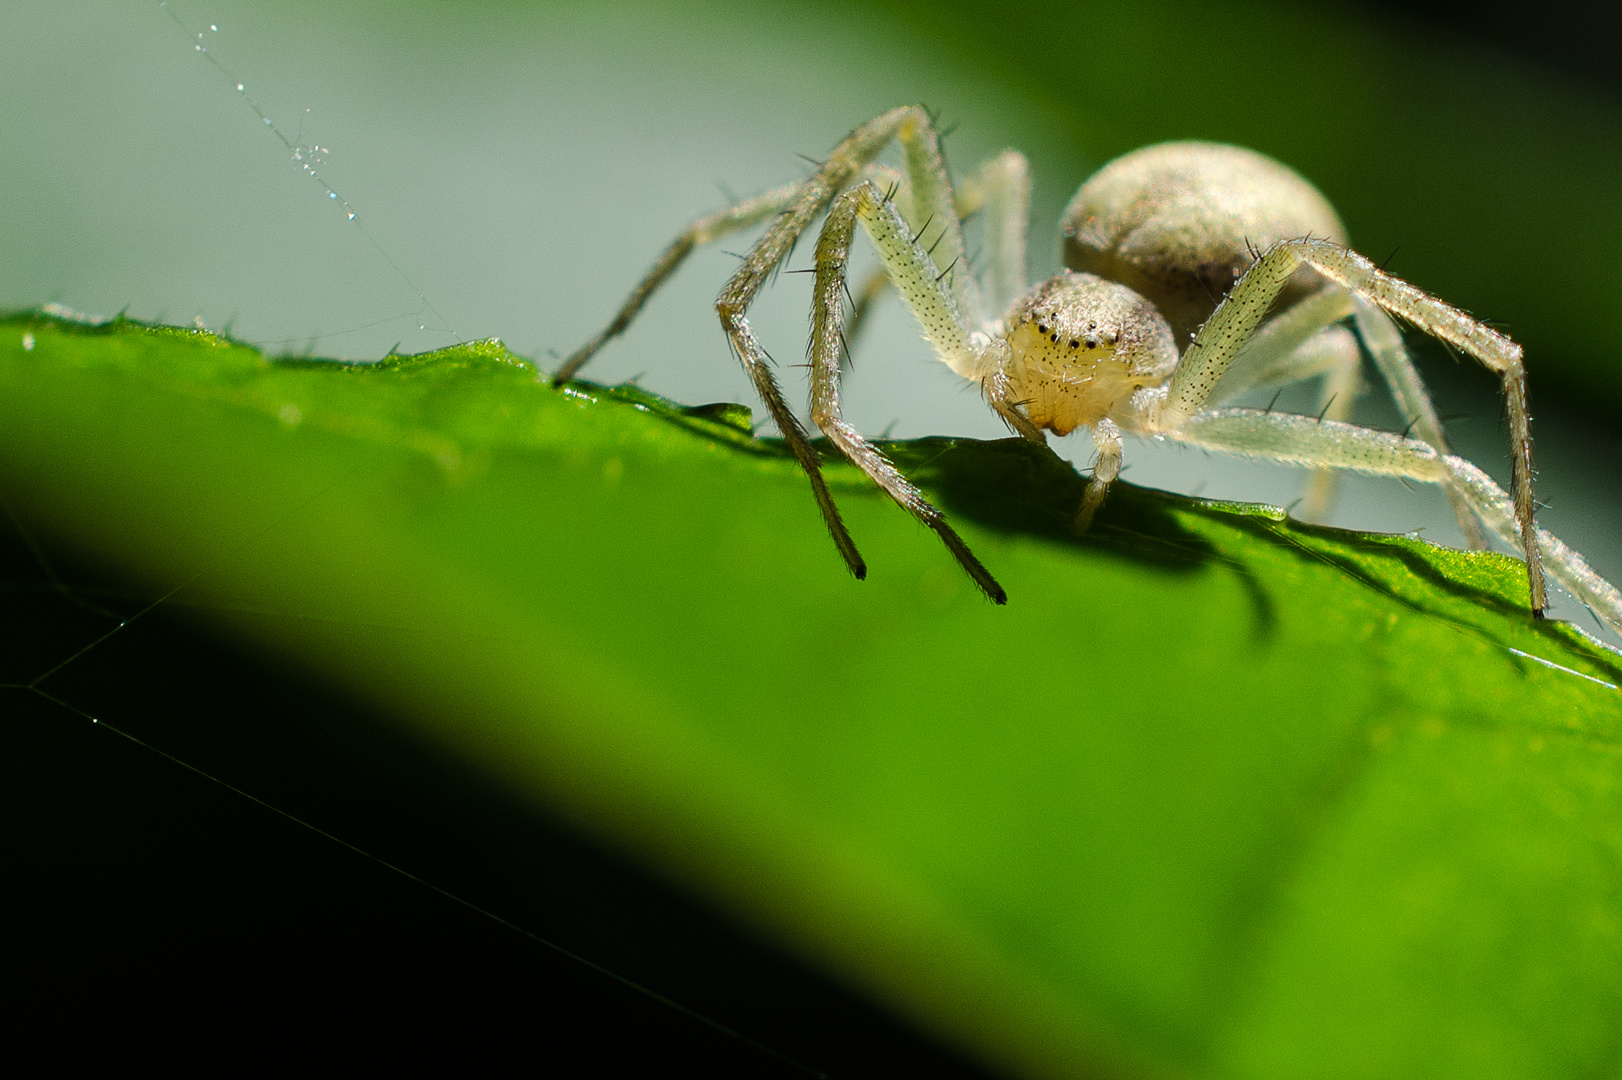 Galgenberg Spinne im Gegenlicht